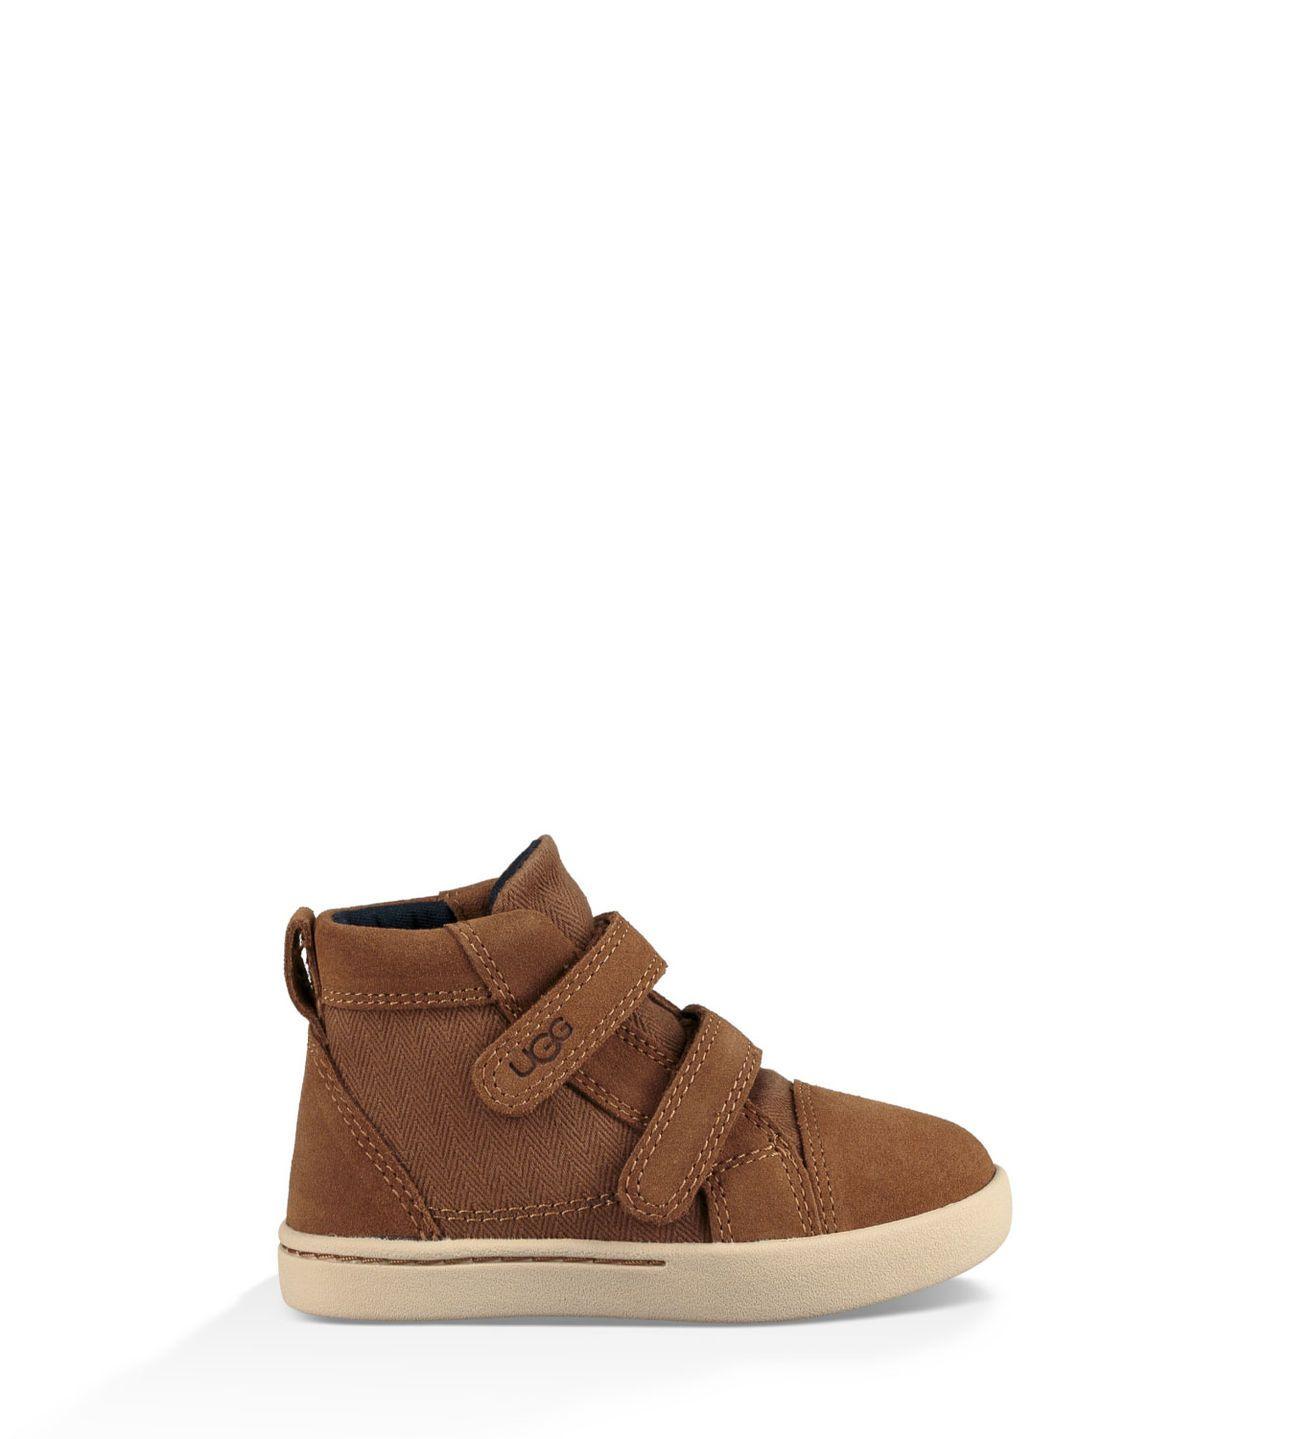 Schuhe bestellen kostenlos